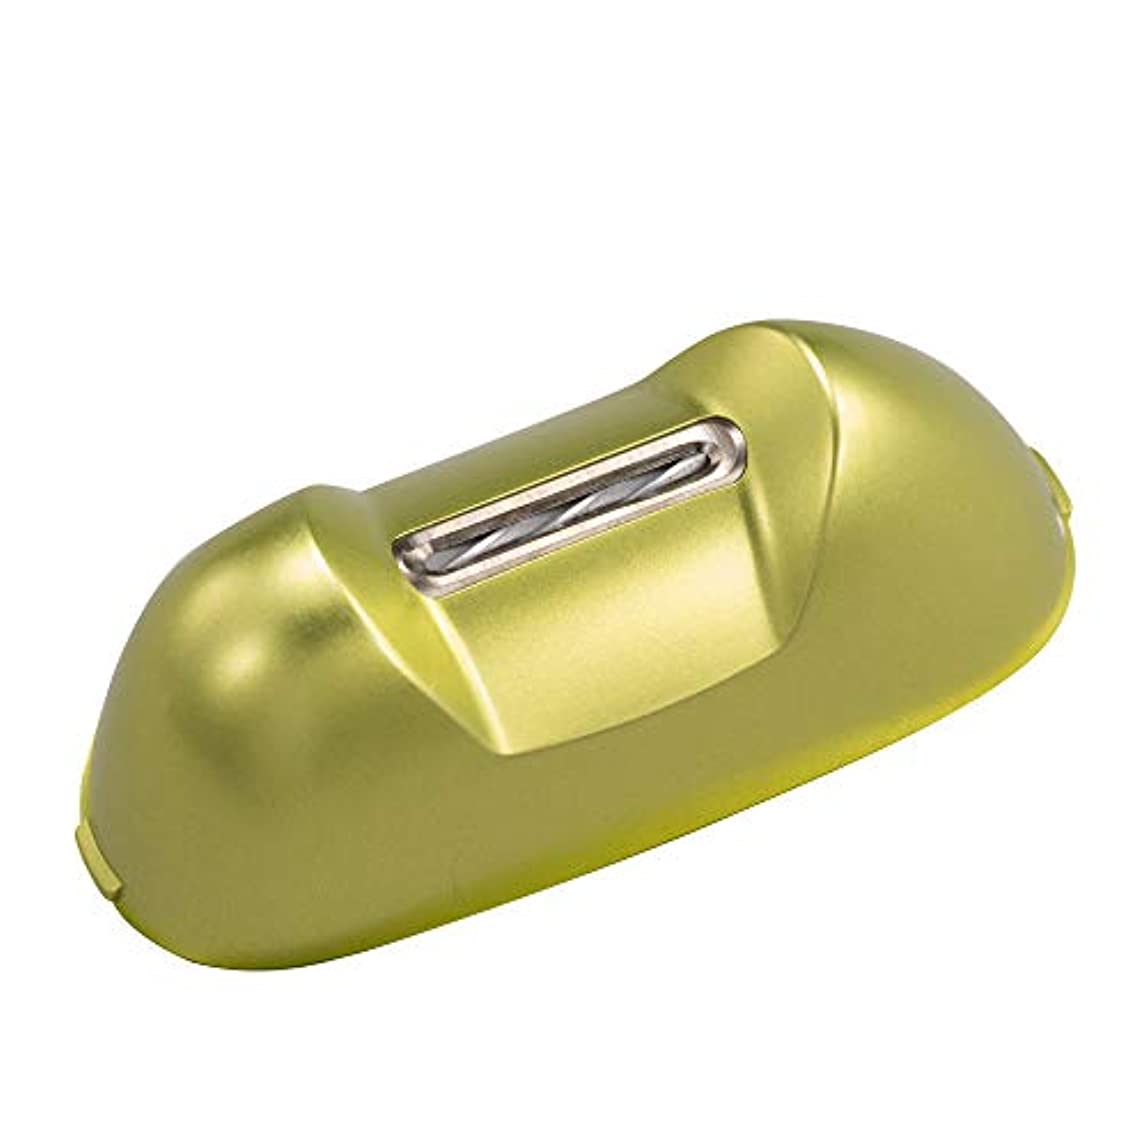 マリン商事 電動爪削りLeaf 専用爪切りカッターヘッド 替刃 El-90165